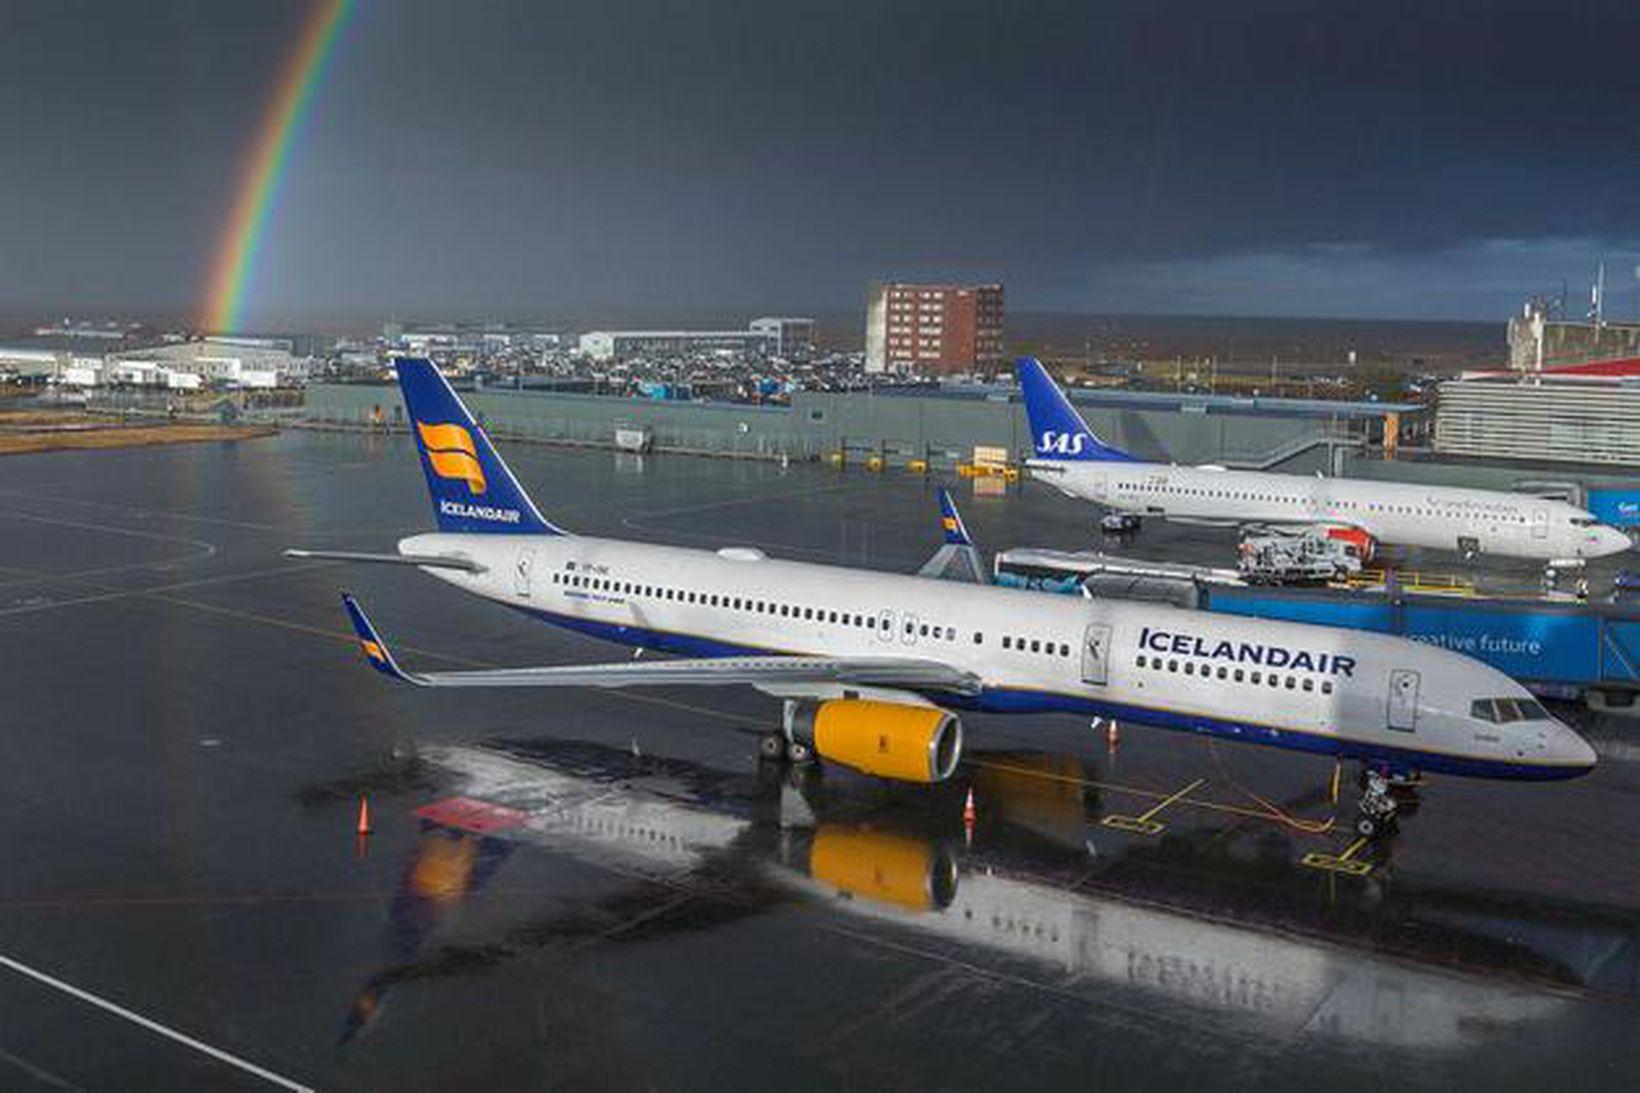 Icelandair þotur á Keflavíkurvelli